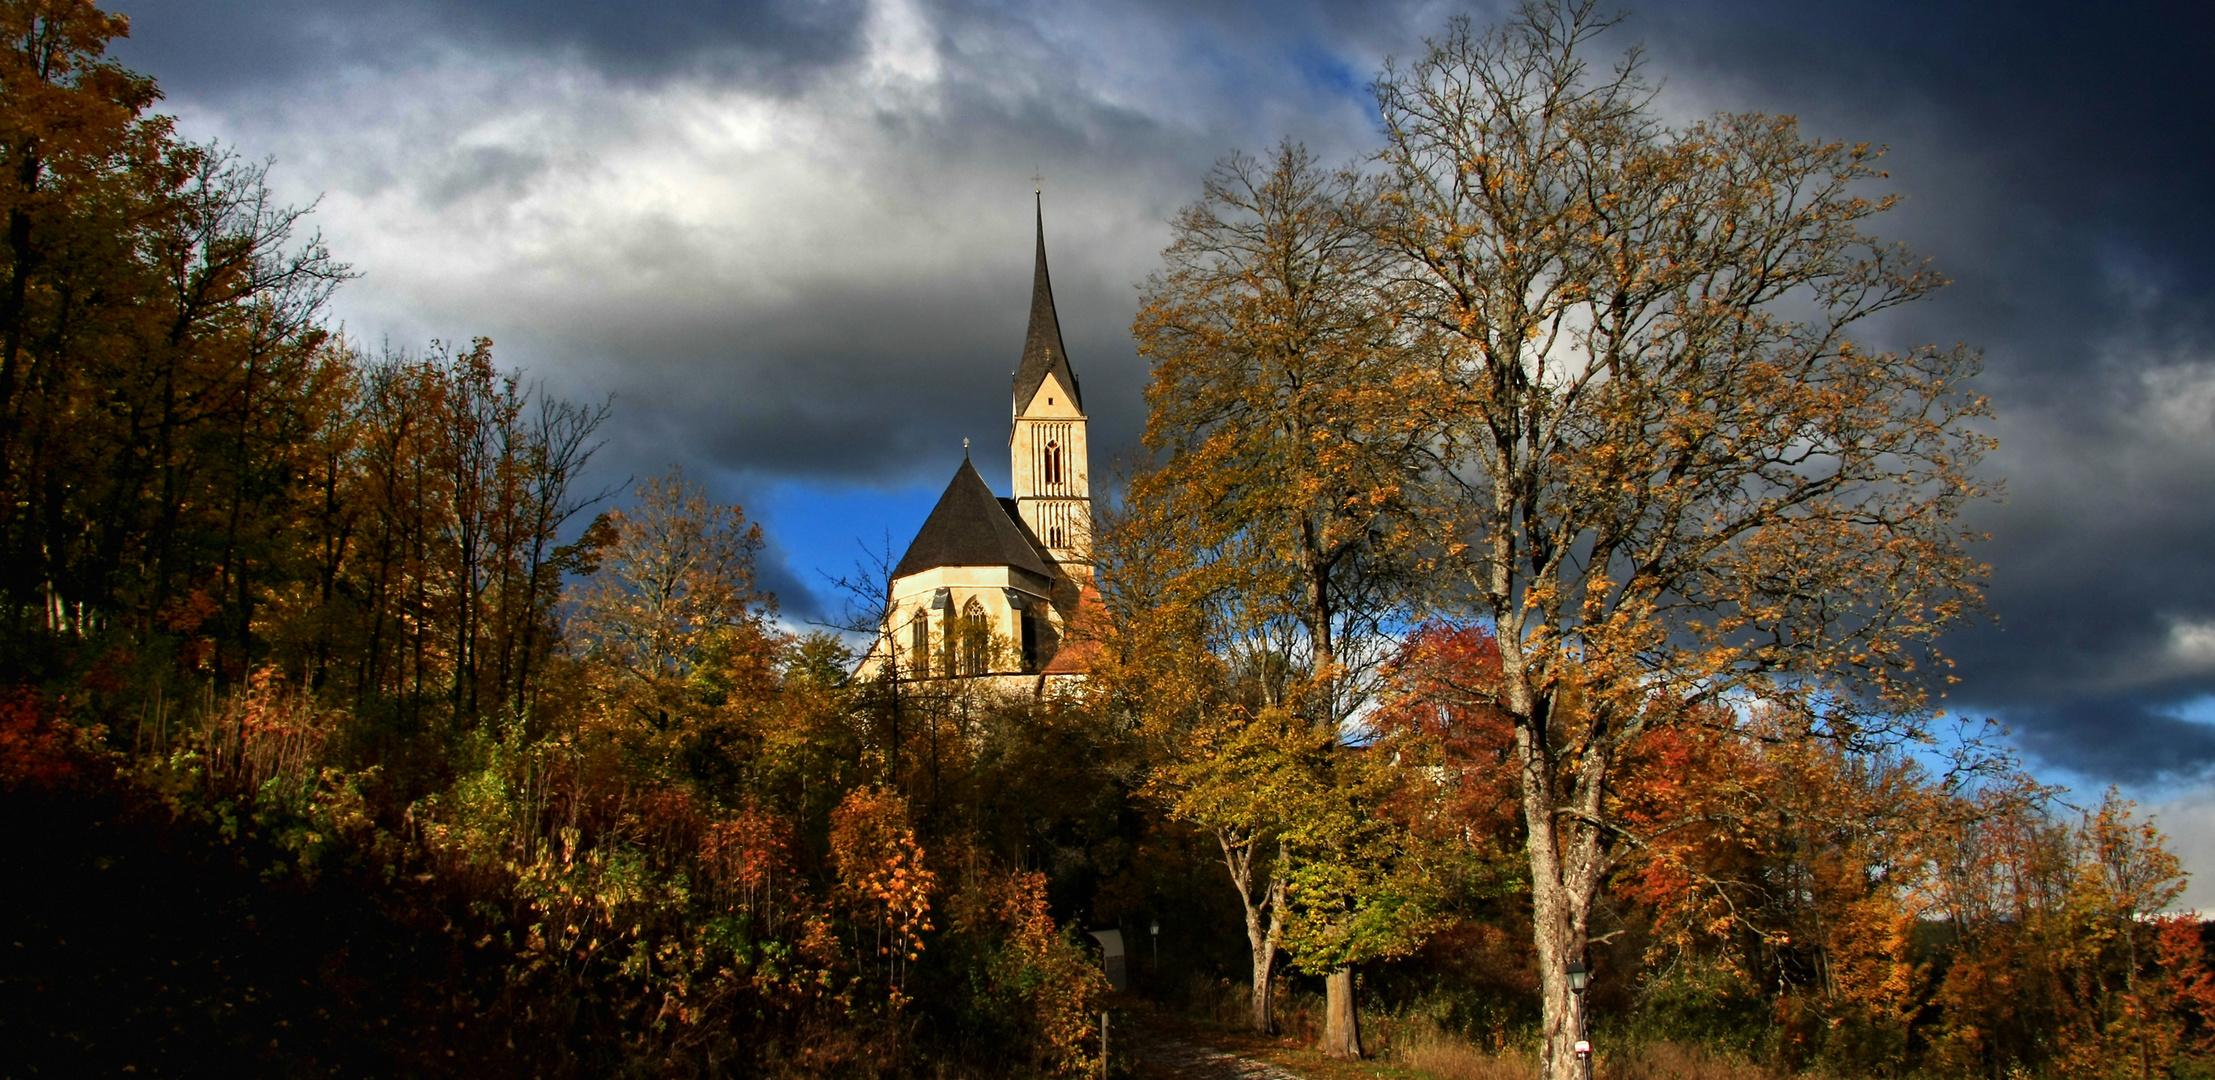 St. Leonhard bei Tamsweg im Herbst